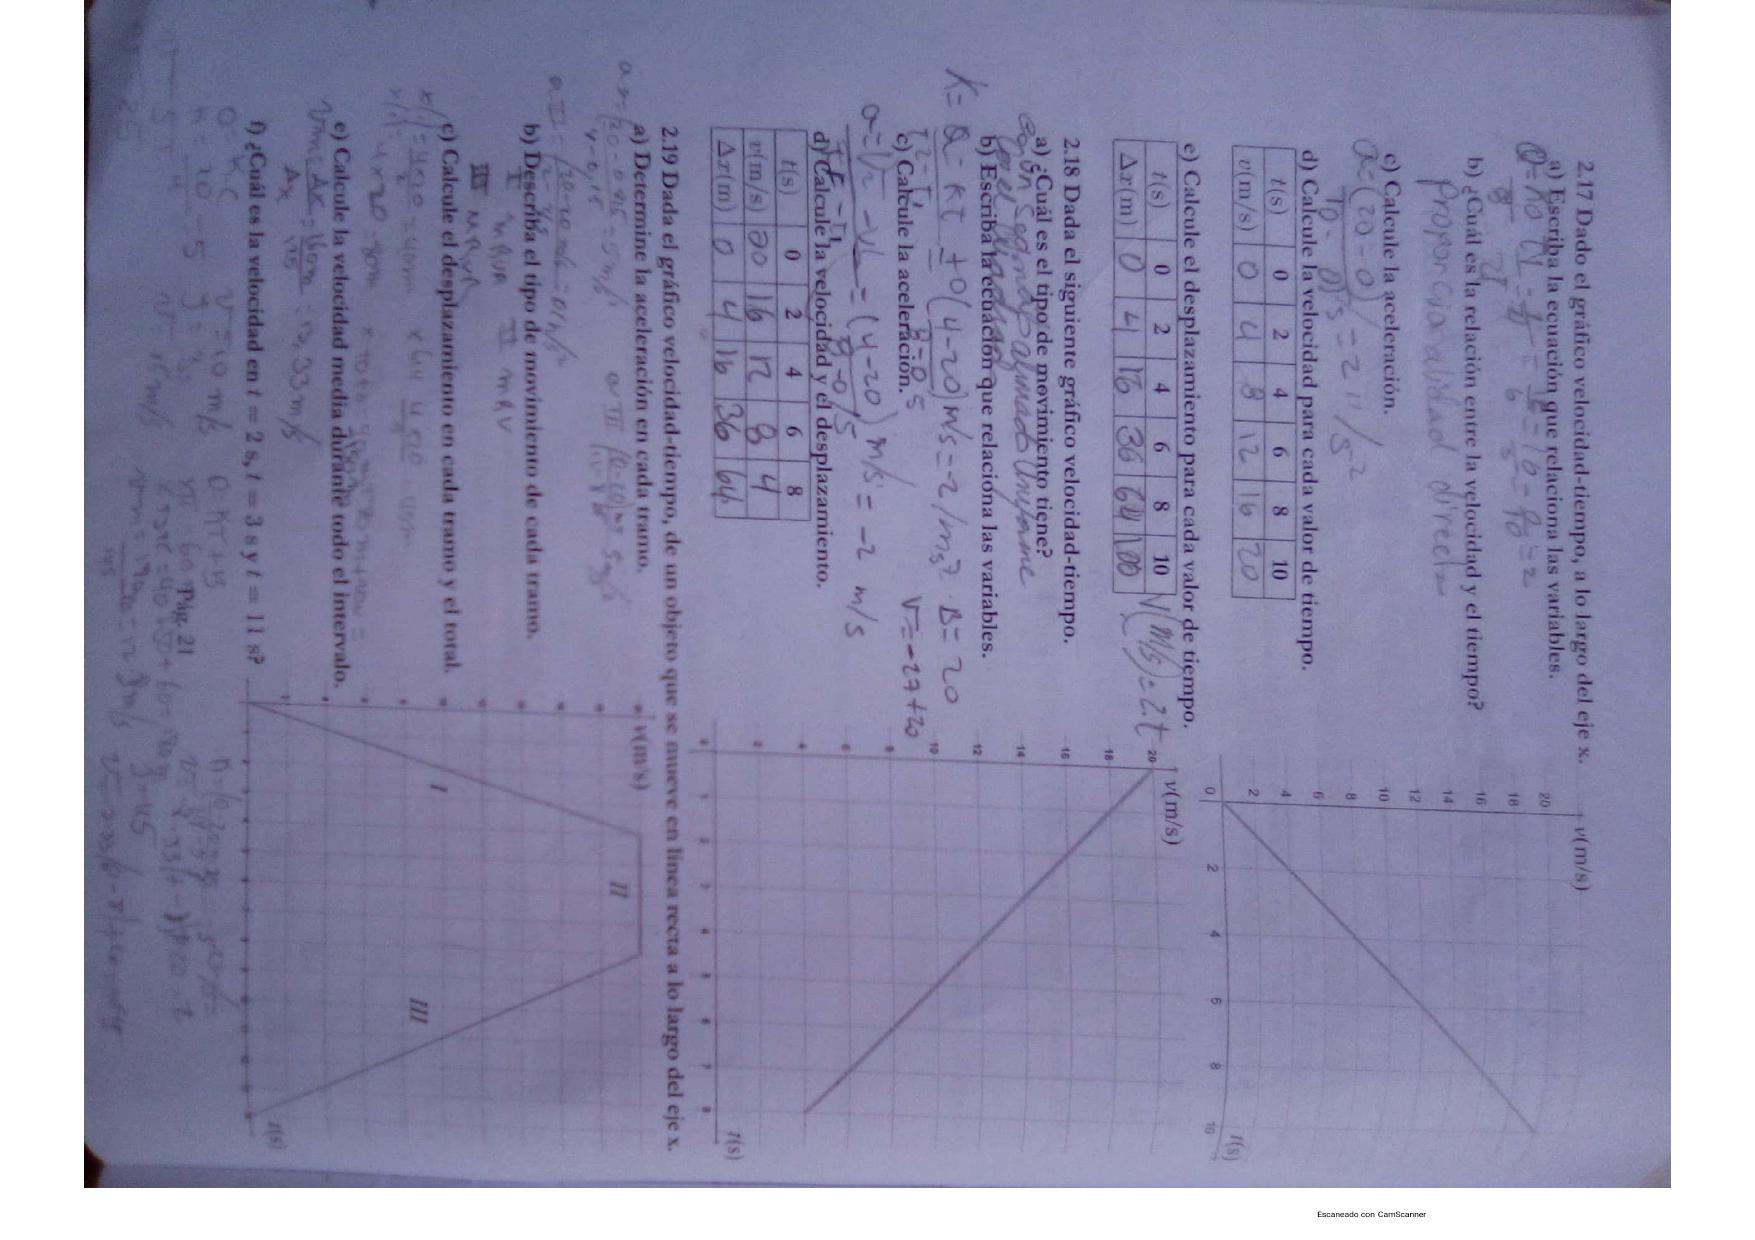 cuaderno-de-trabajo-f-sica-b-sica-page-0020